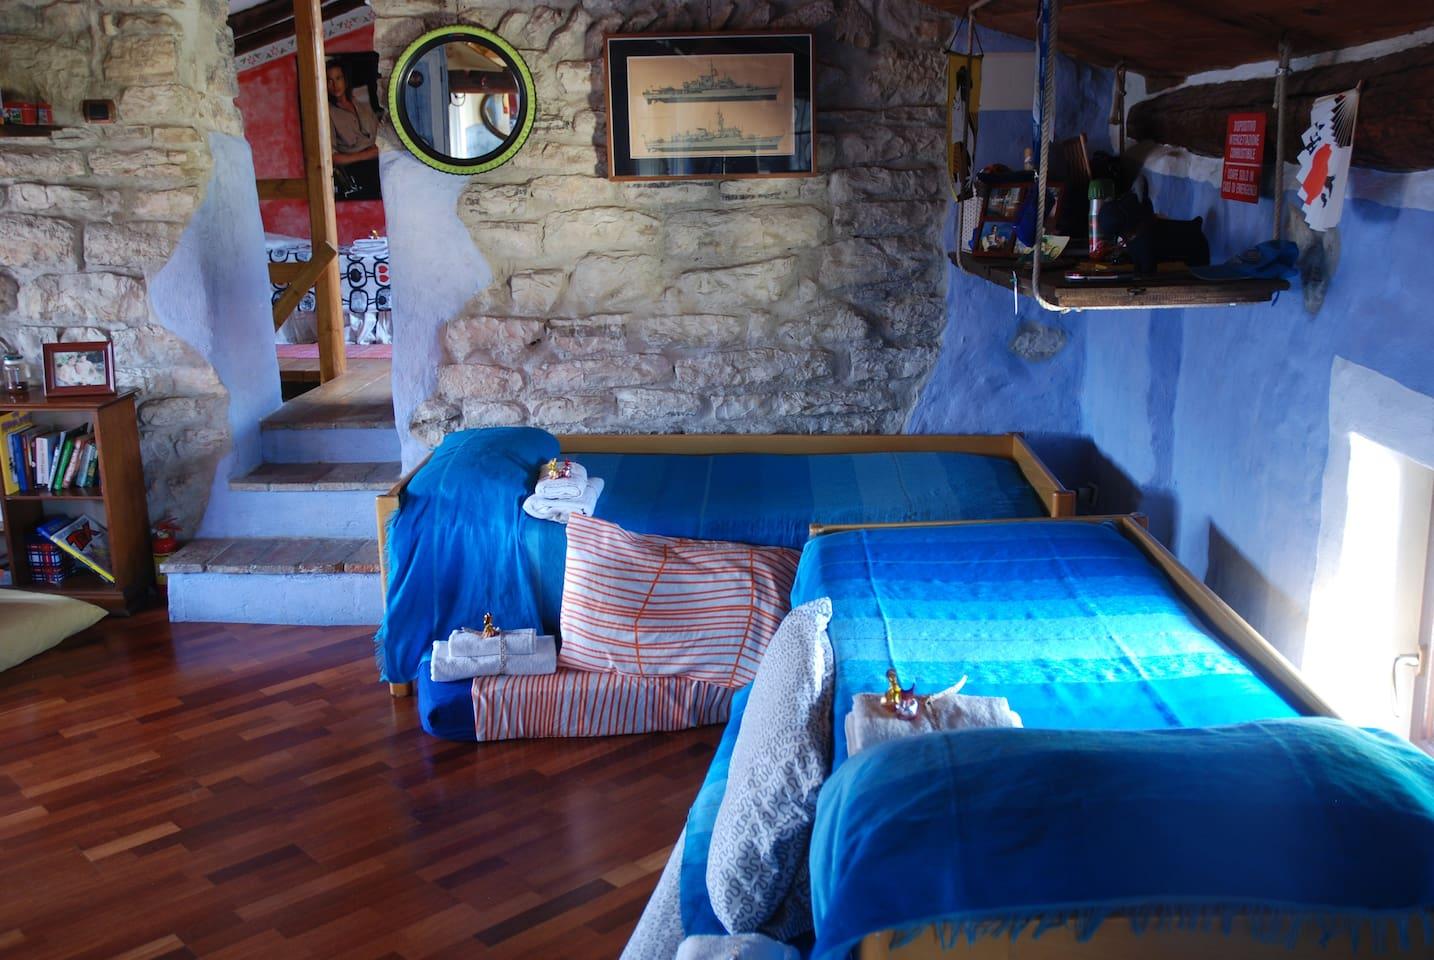 Blu bedroom 2 beds + 2 matress